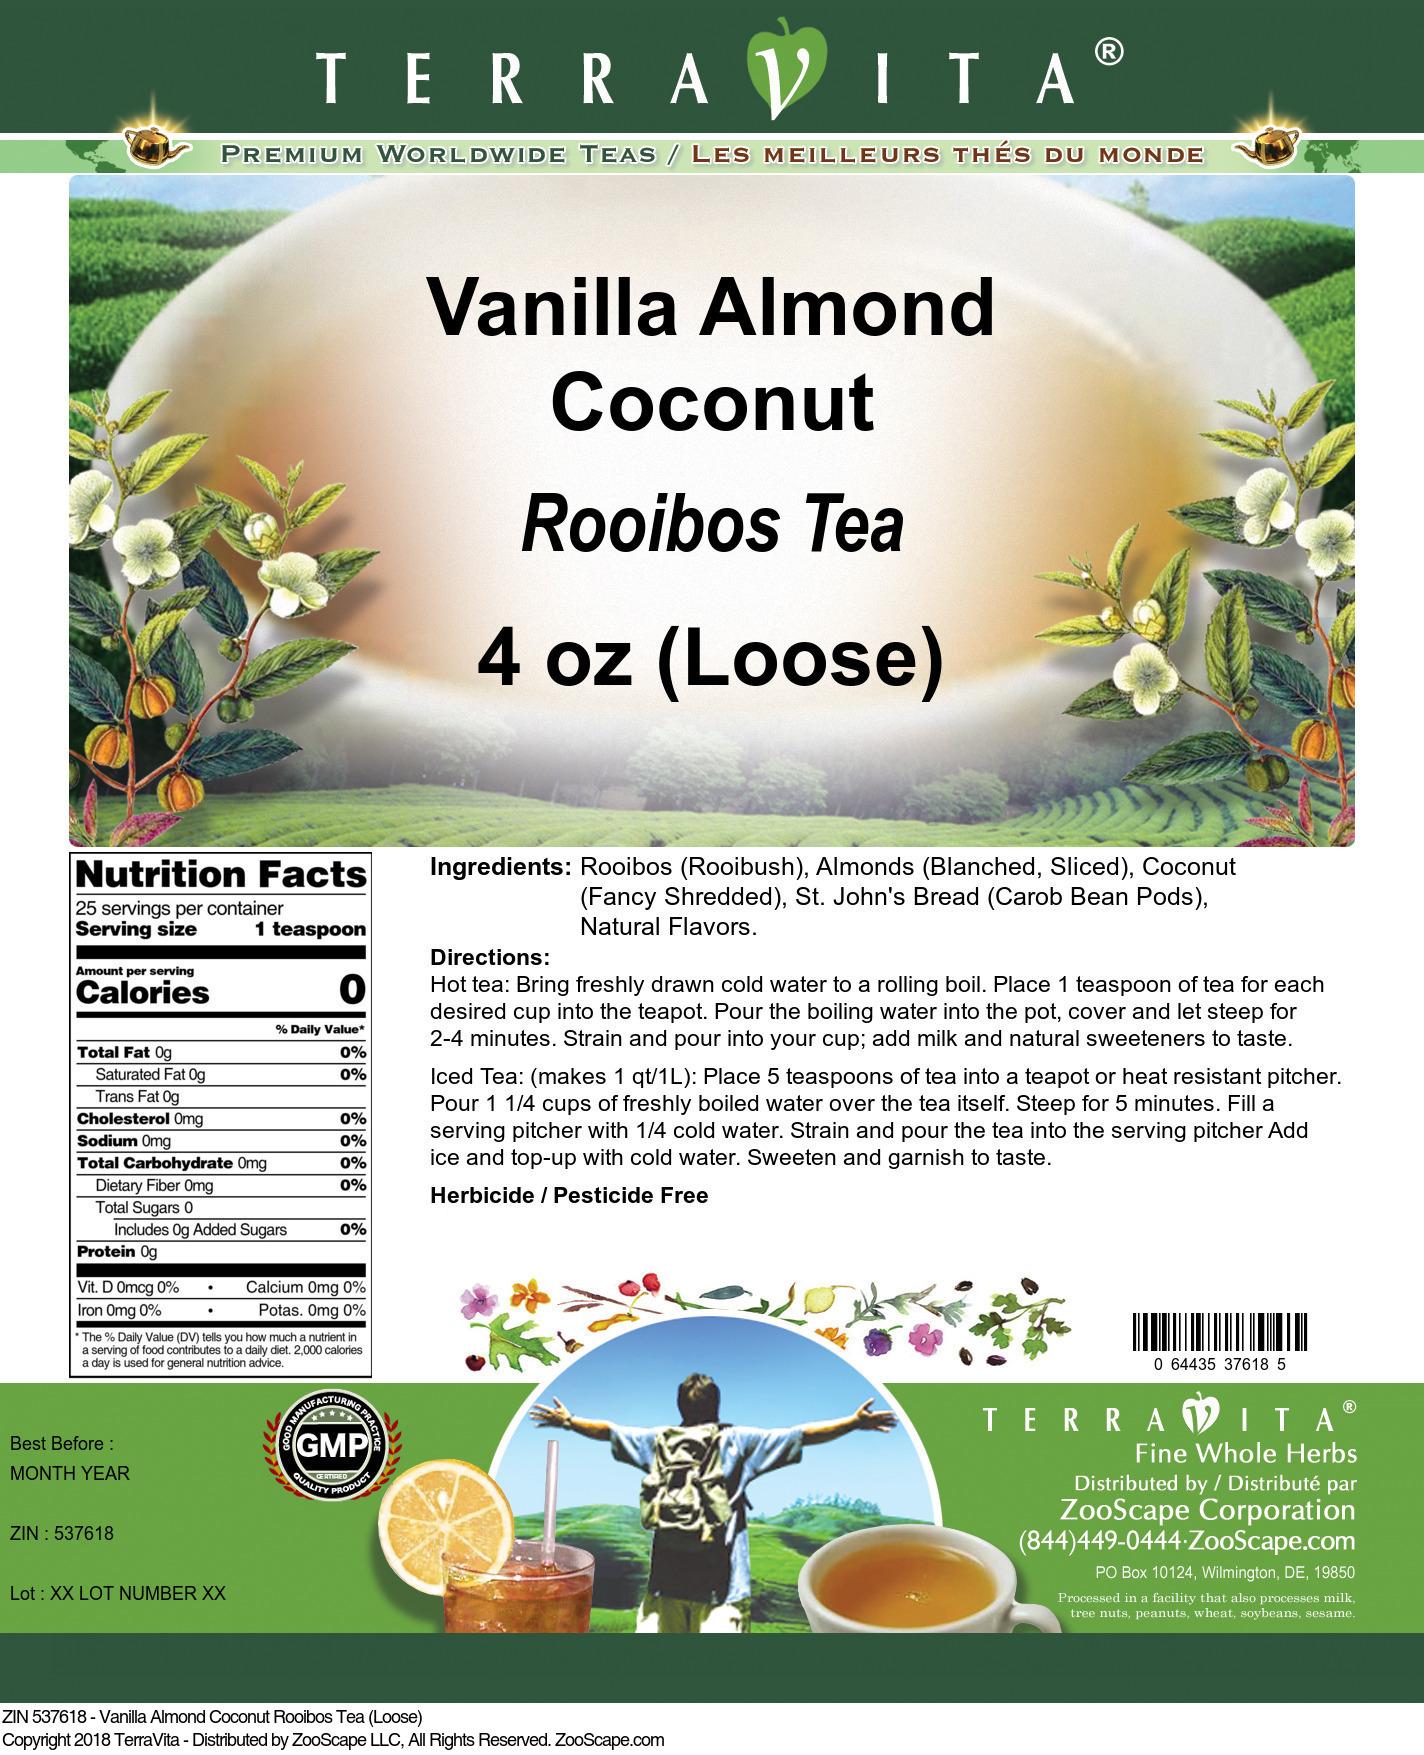 Vanilla Almond Coconut Rooibos Tea (Loose)